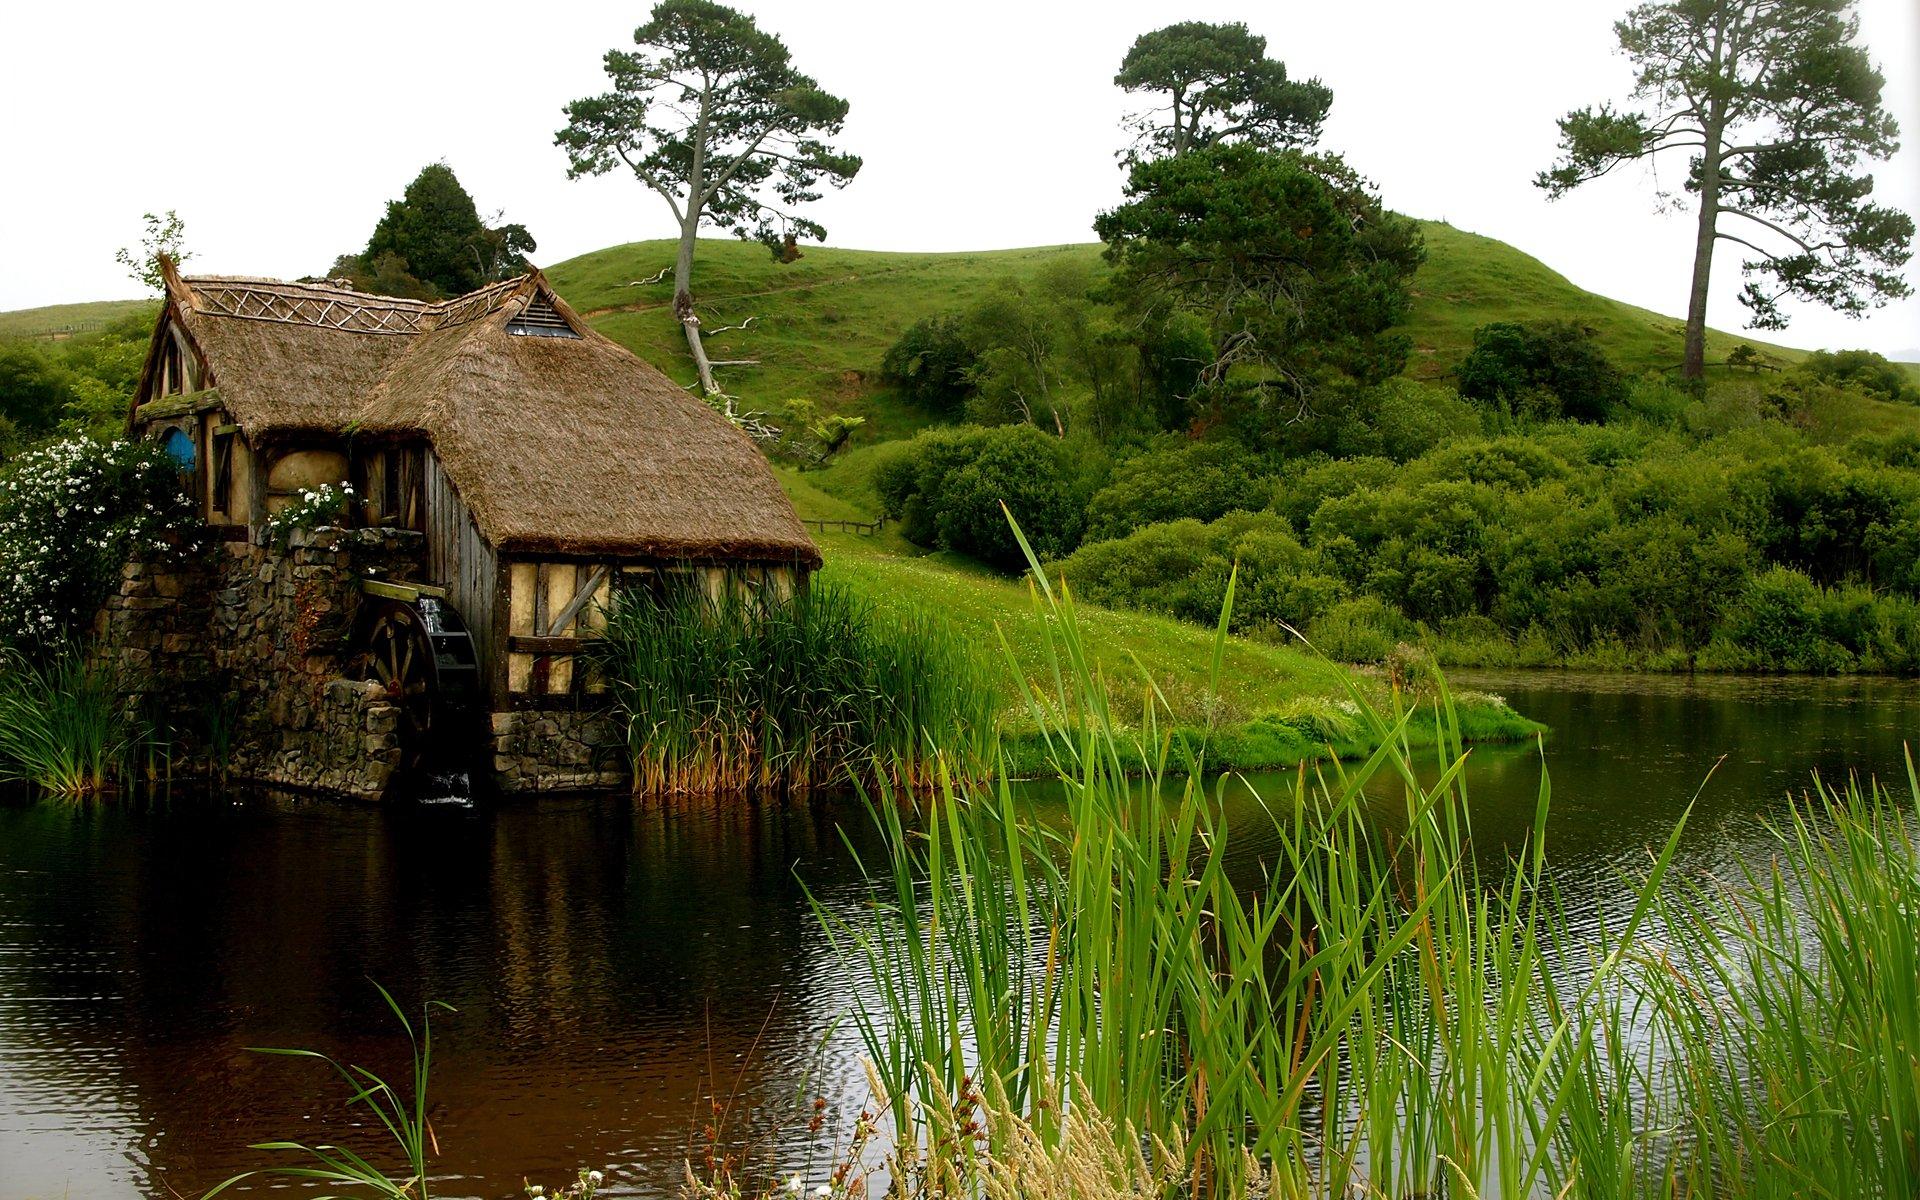 деталей дом на берегу реки смотреть фото сегодня